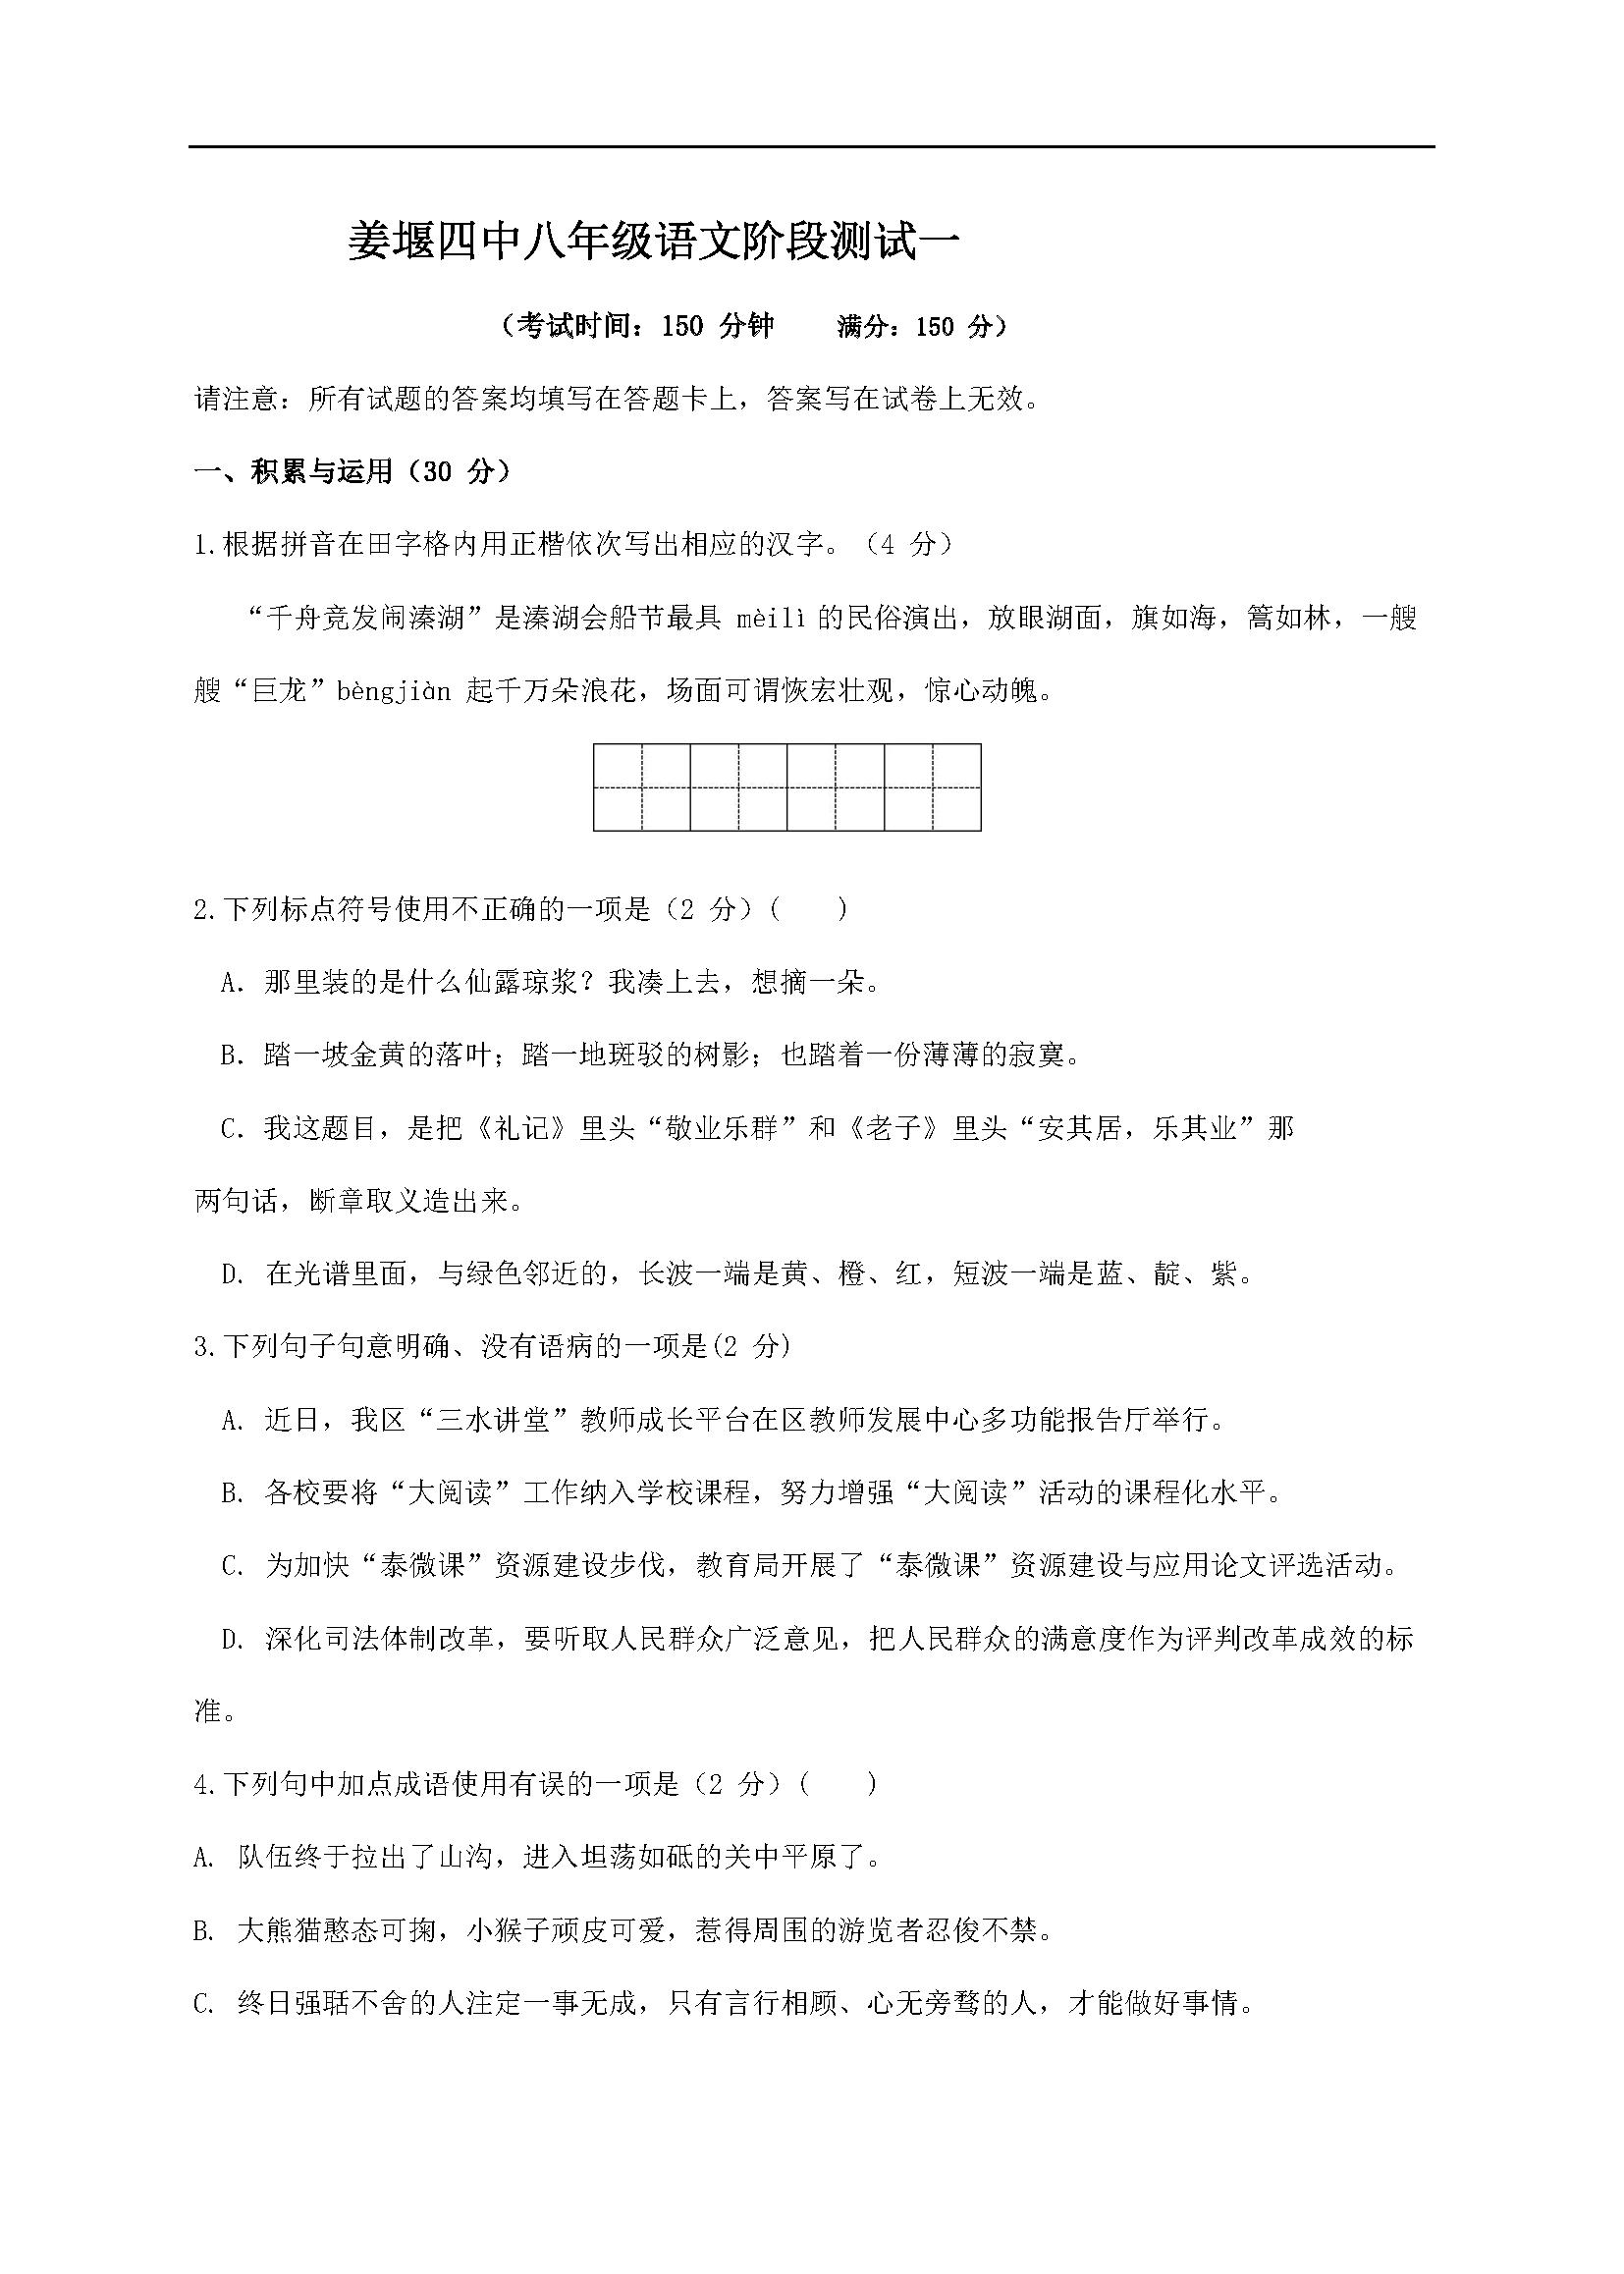 2017年江苏姜堰第四中学八年级下第一次月考语文试题(Word版)